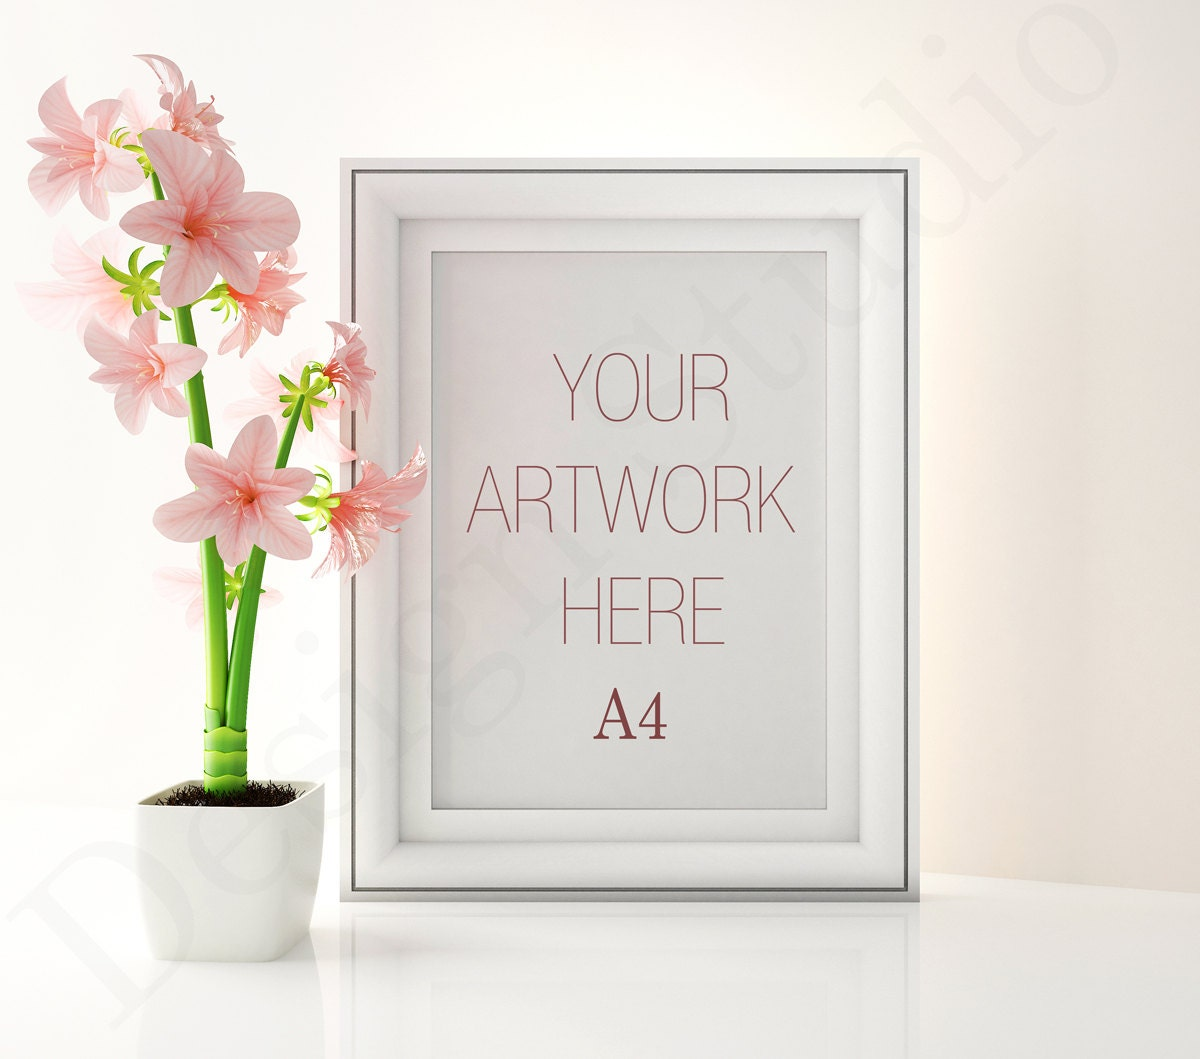 Buy poster frame